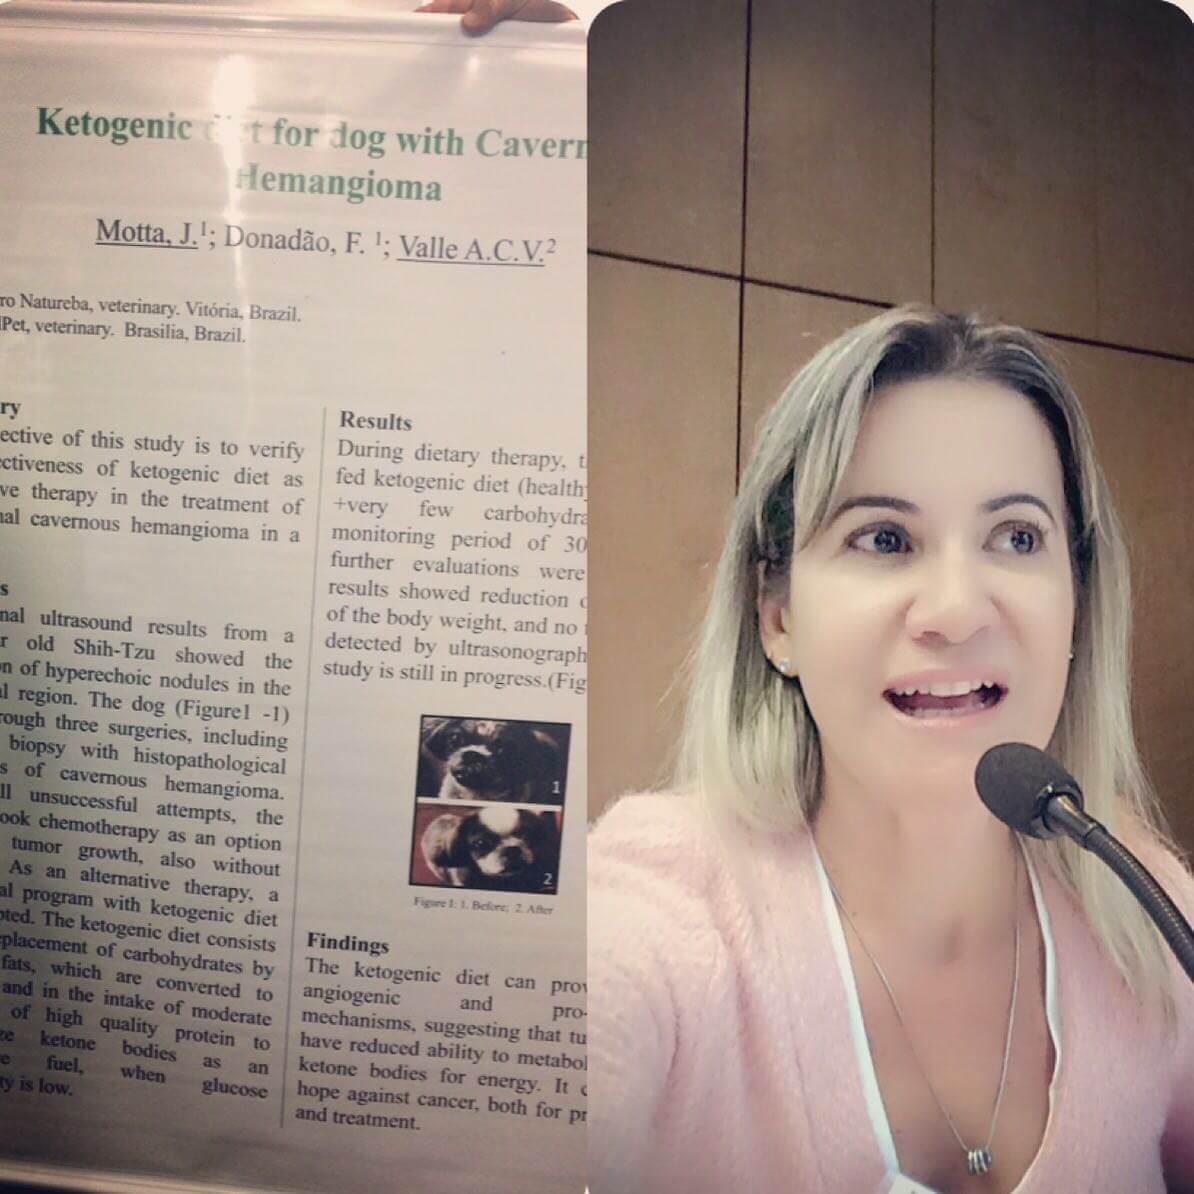 Trabalho Apresentado no World Congress of Integrative Medicine & Health - Berlim / 2017 1